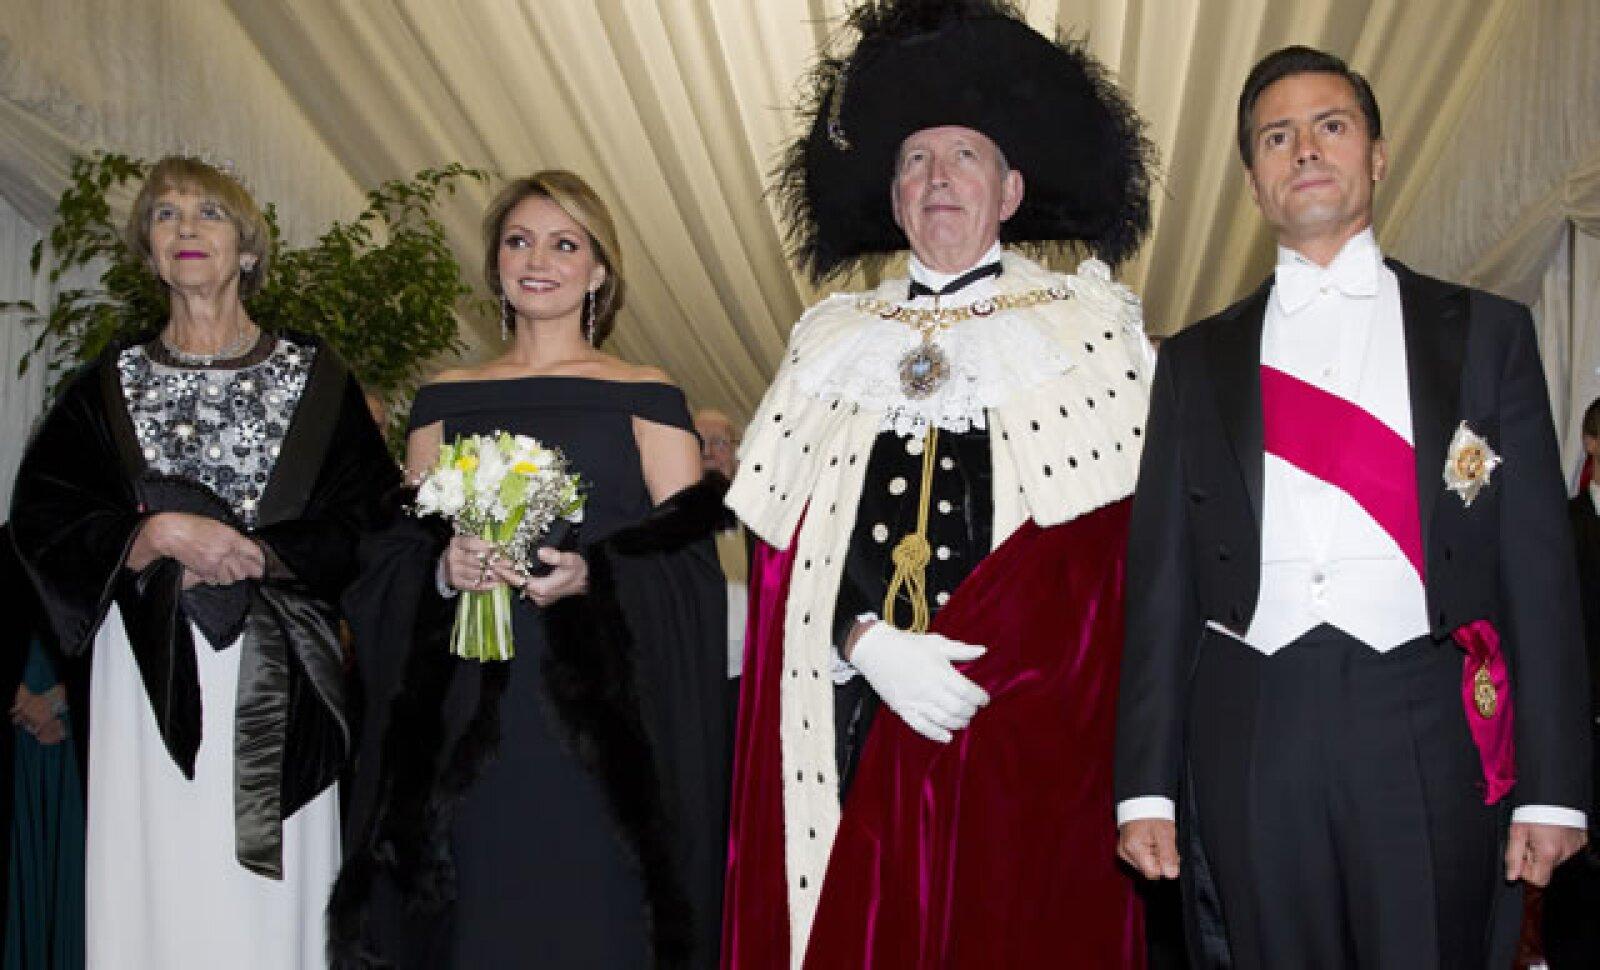 La primera dama y el presidente fueron recibidos por Gilly Yarrow, esposa del Lord Mayor de Londres, Alan Yarrow.